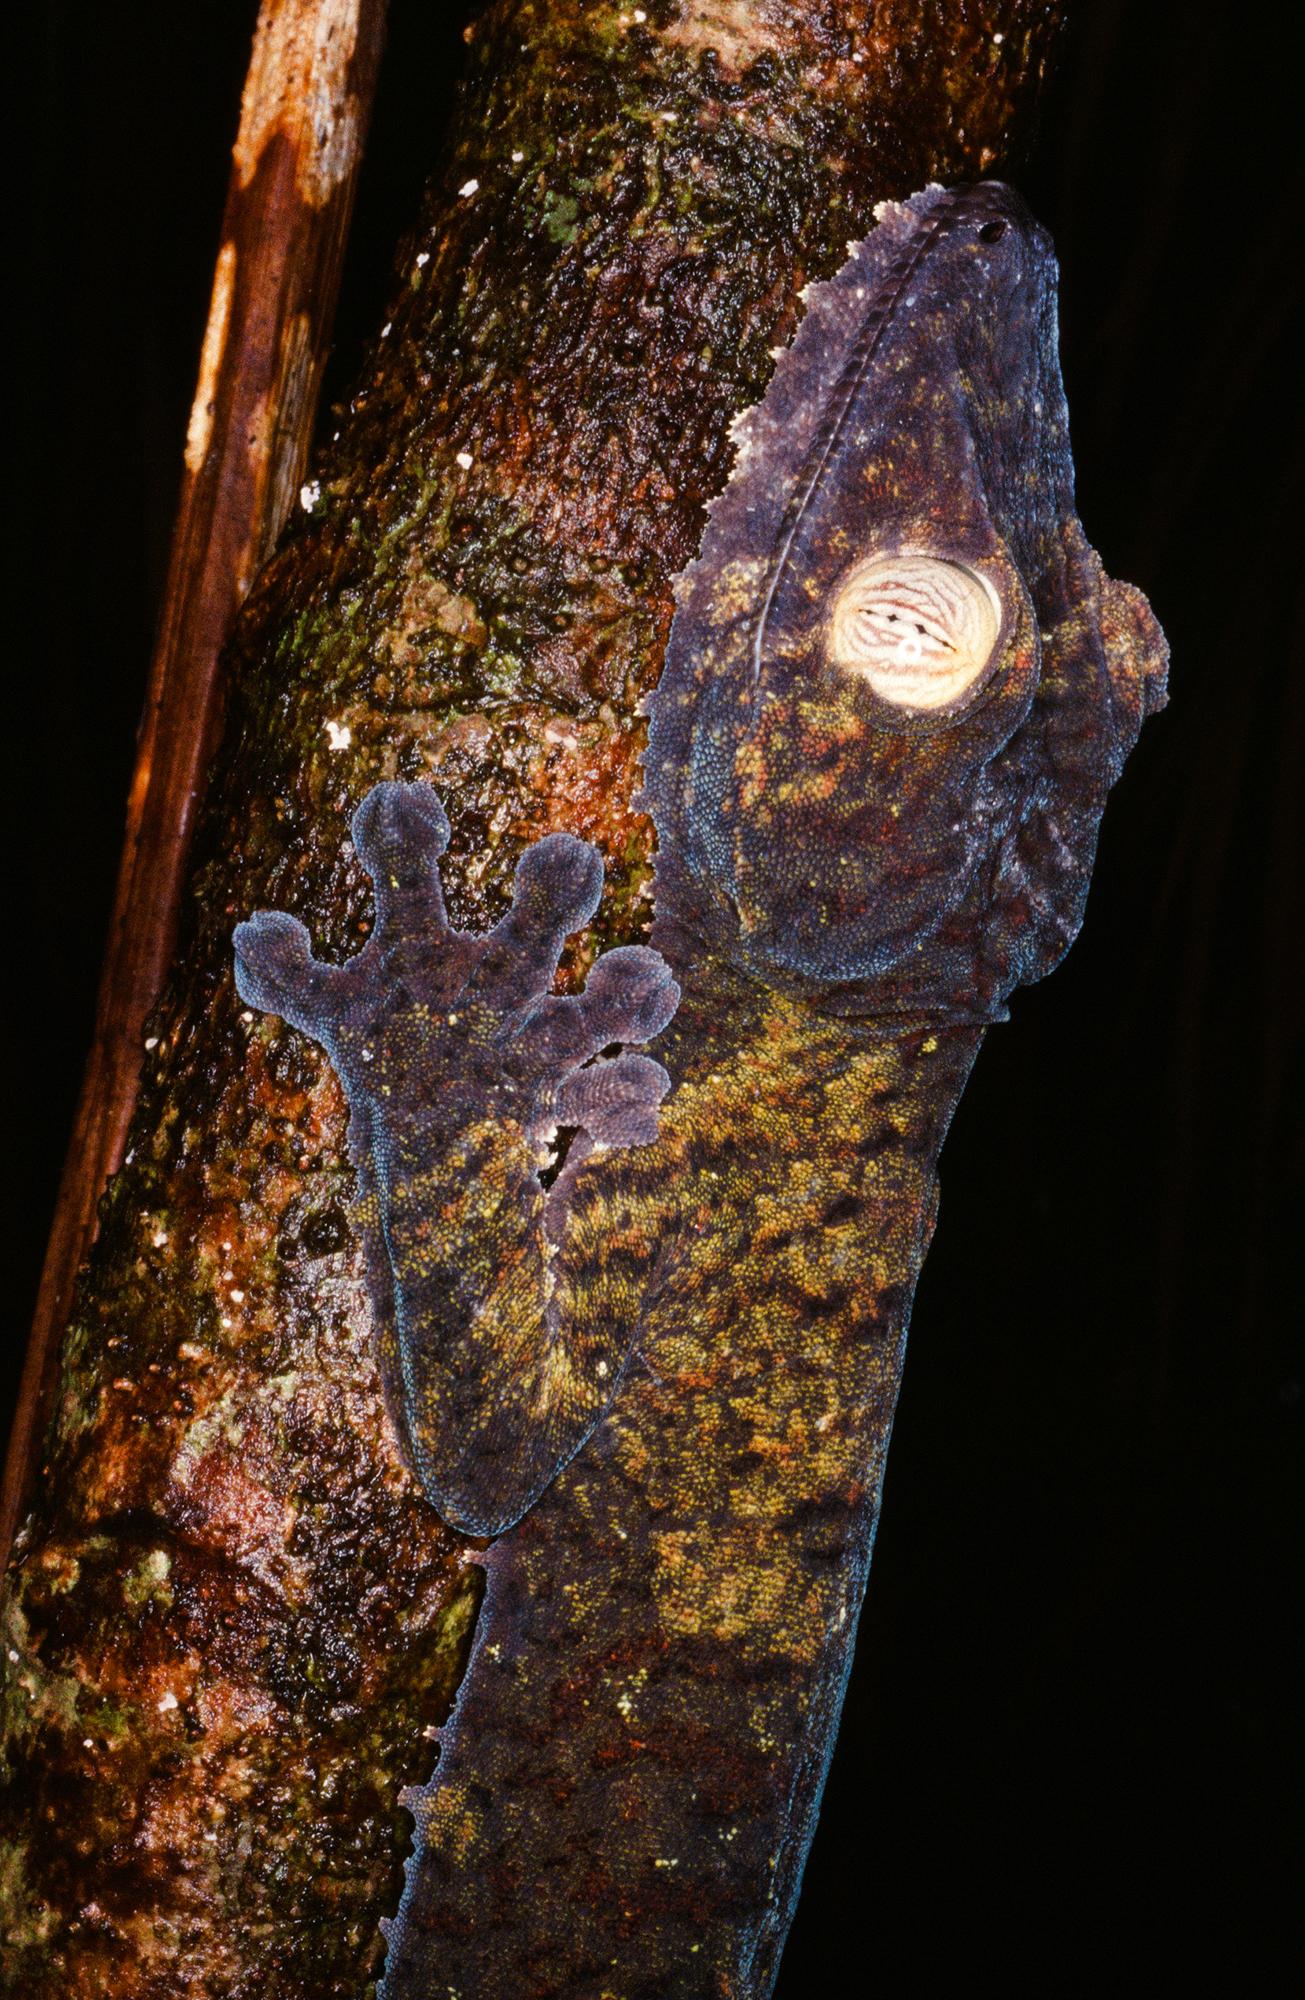 VANISHING LEAF TAILED GECKO (Uroplatus fimbriatus)